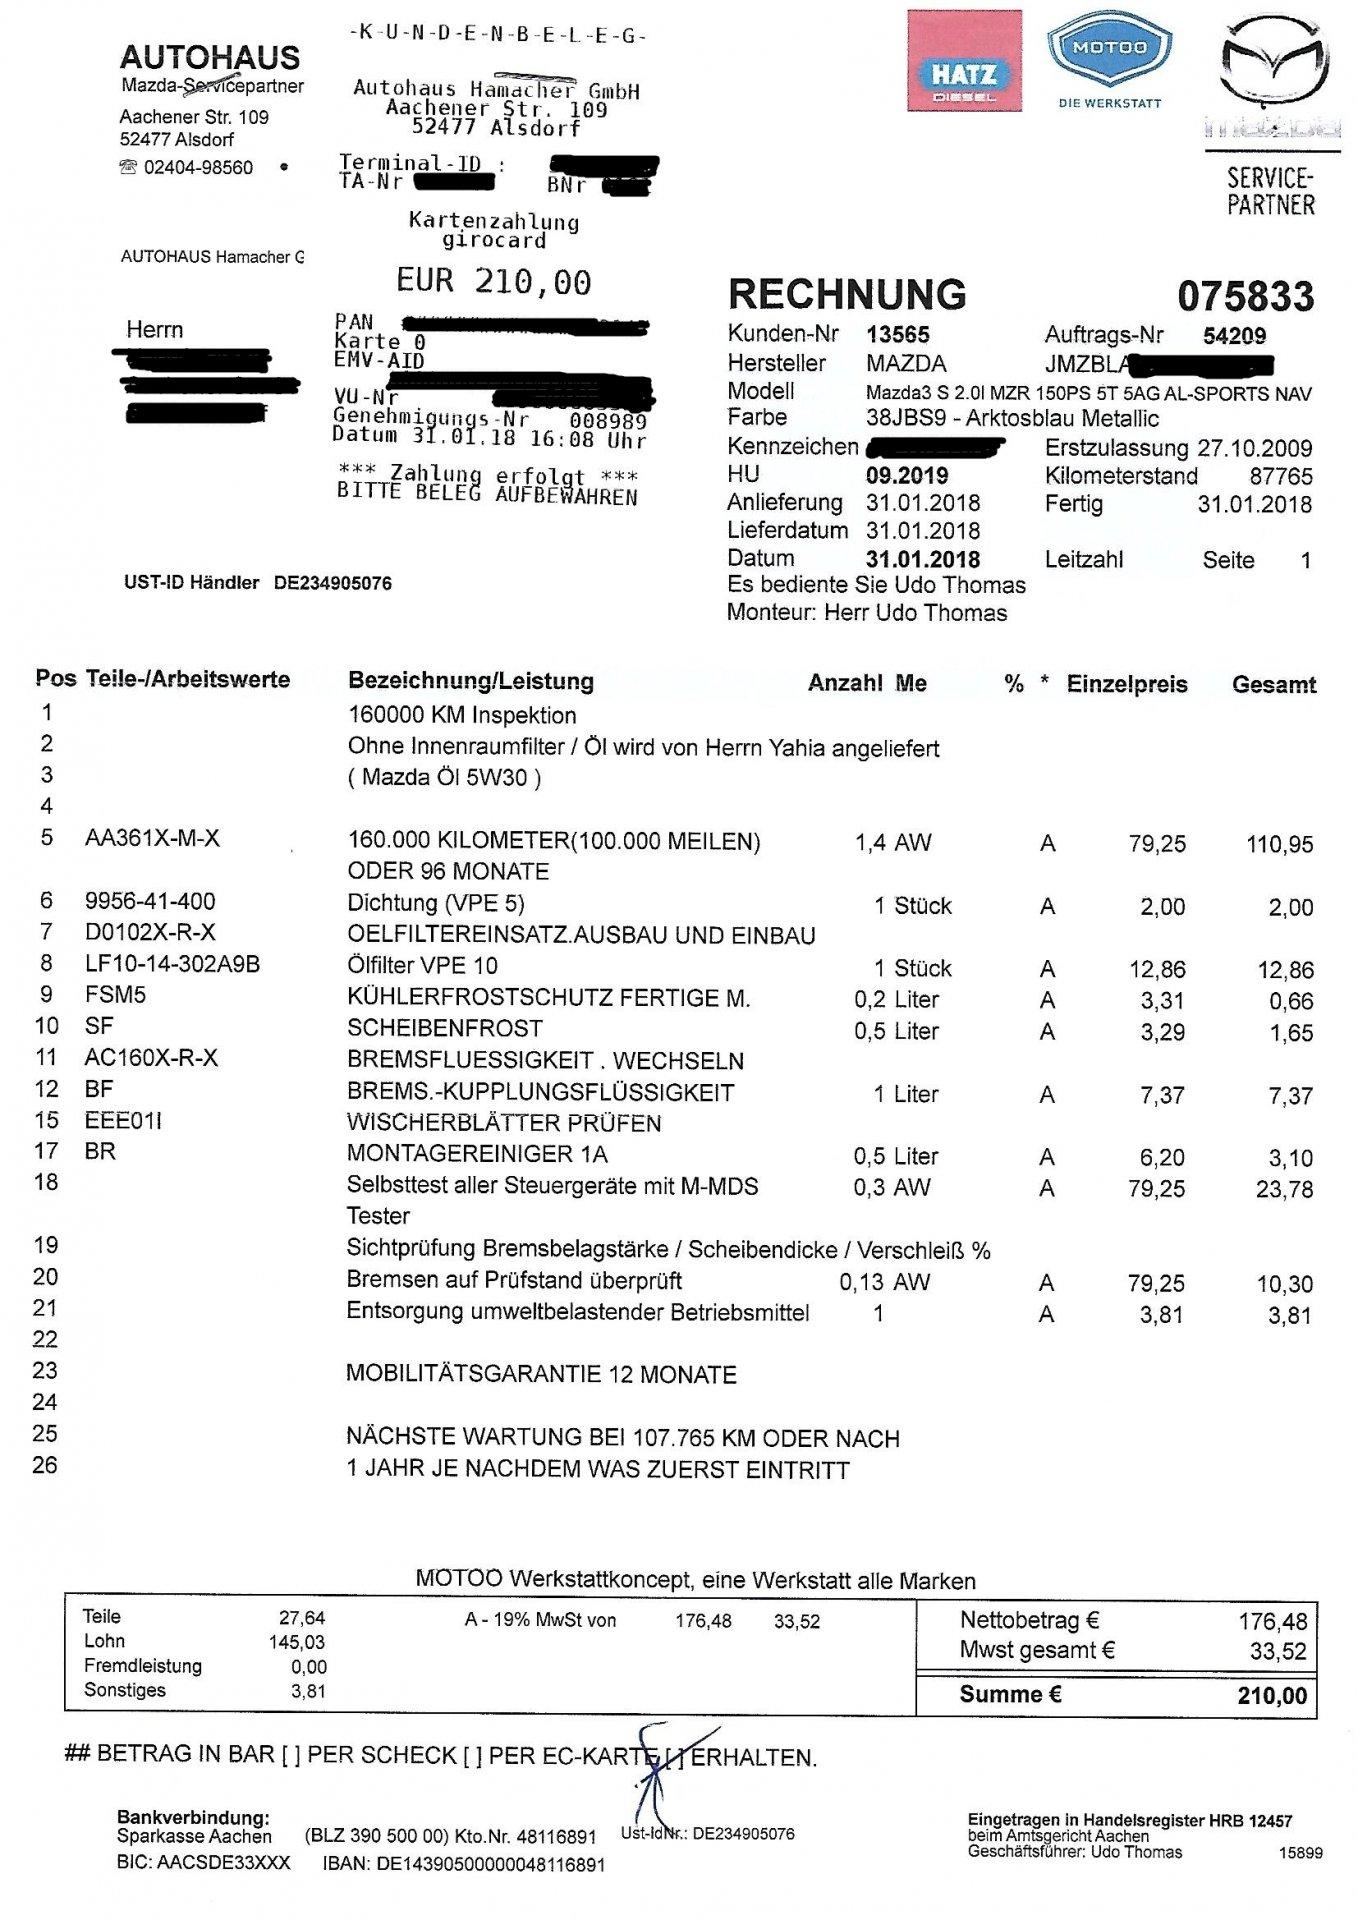 Gemütlich Einzahlungsscheinvorlage Prüfen Fotos - Entry Level Resume ...